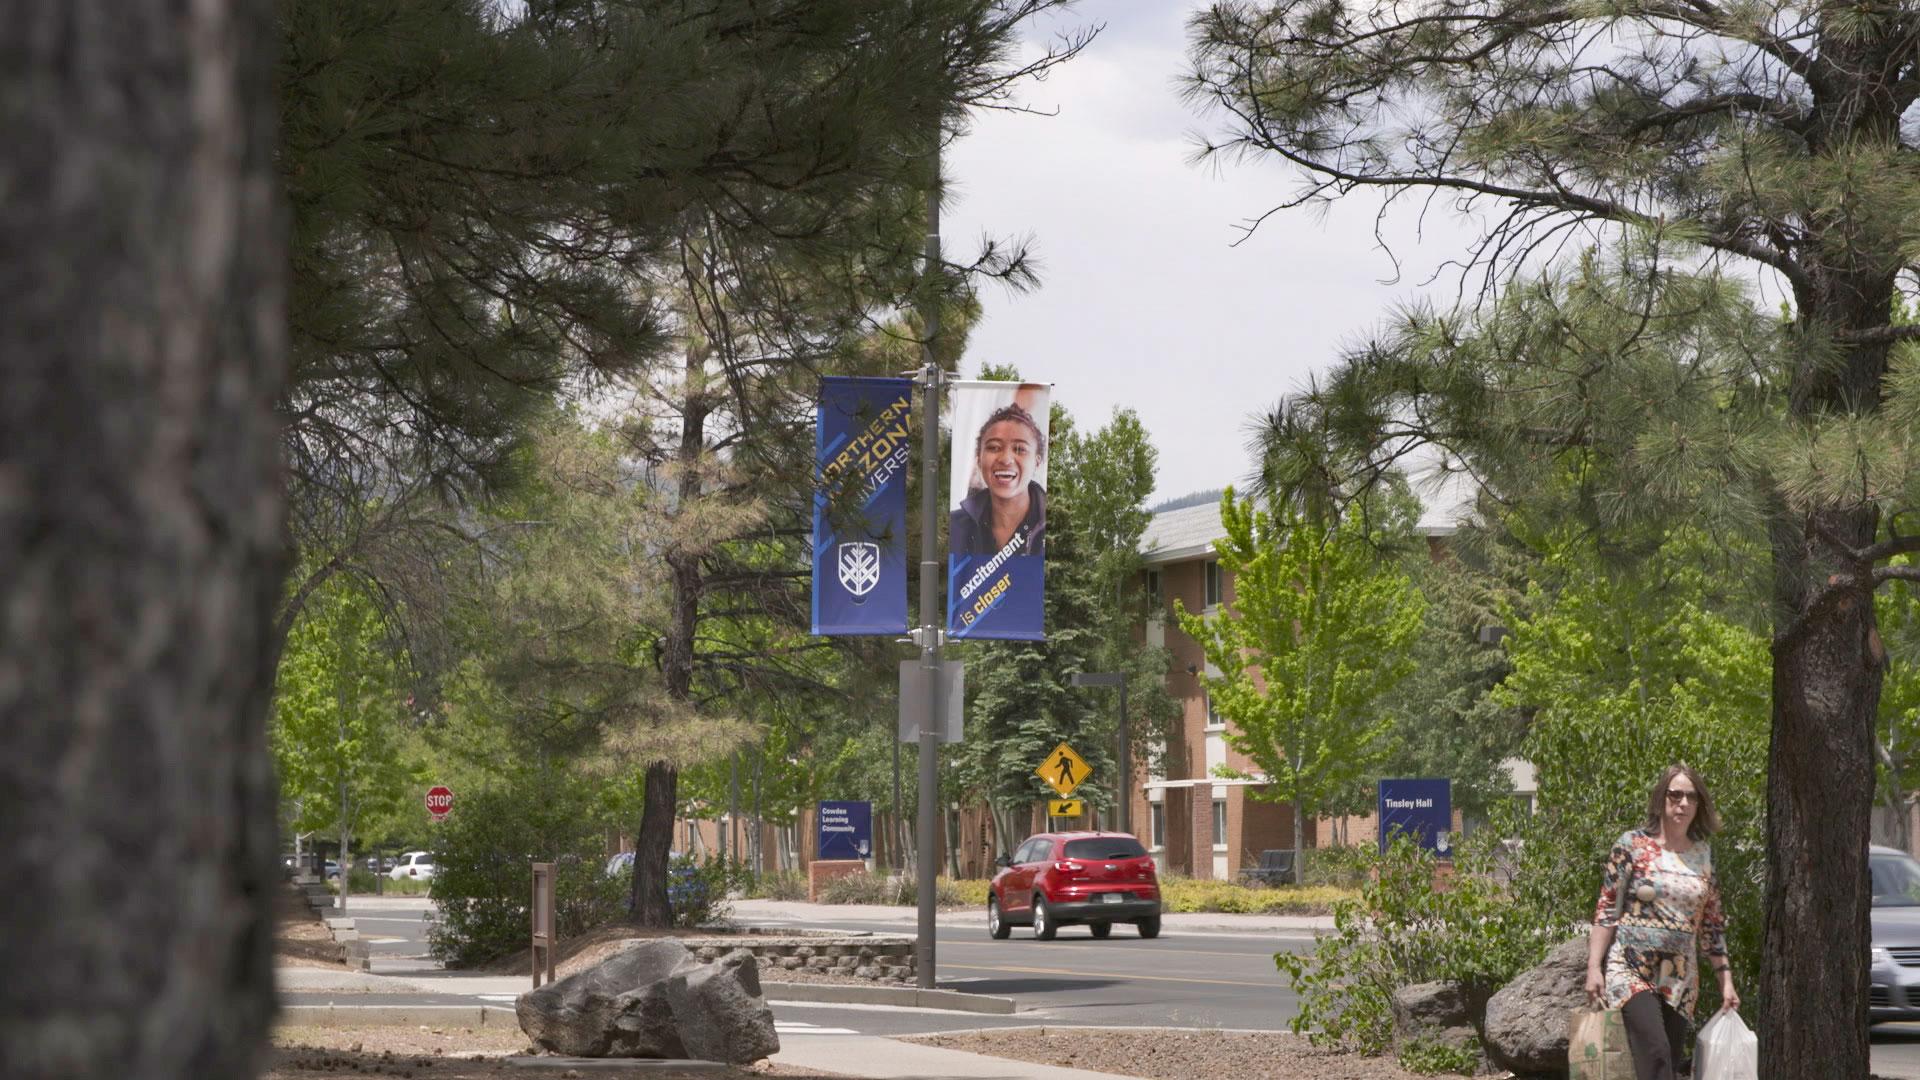 nau campus trees